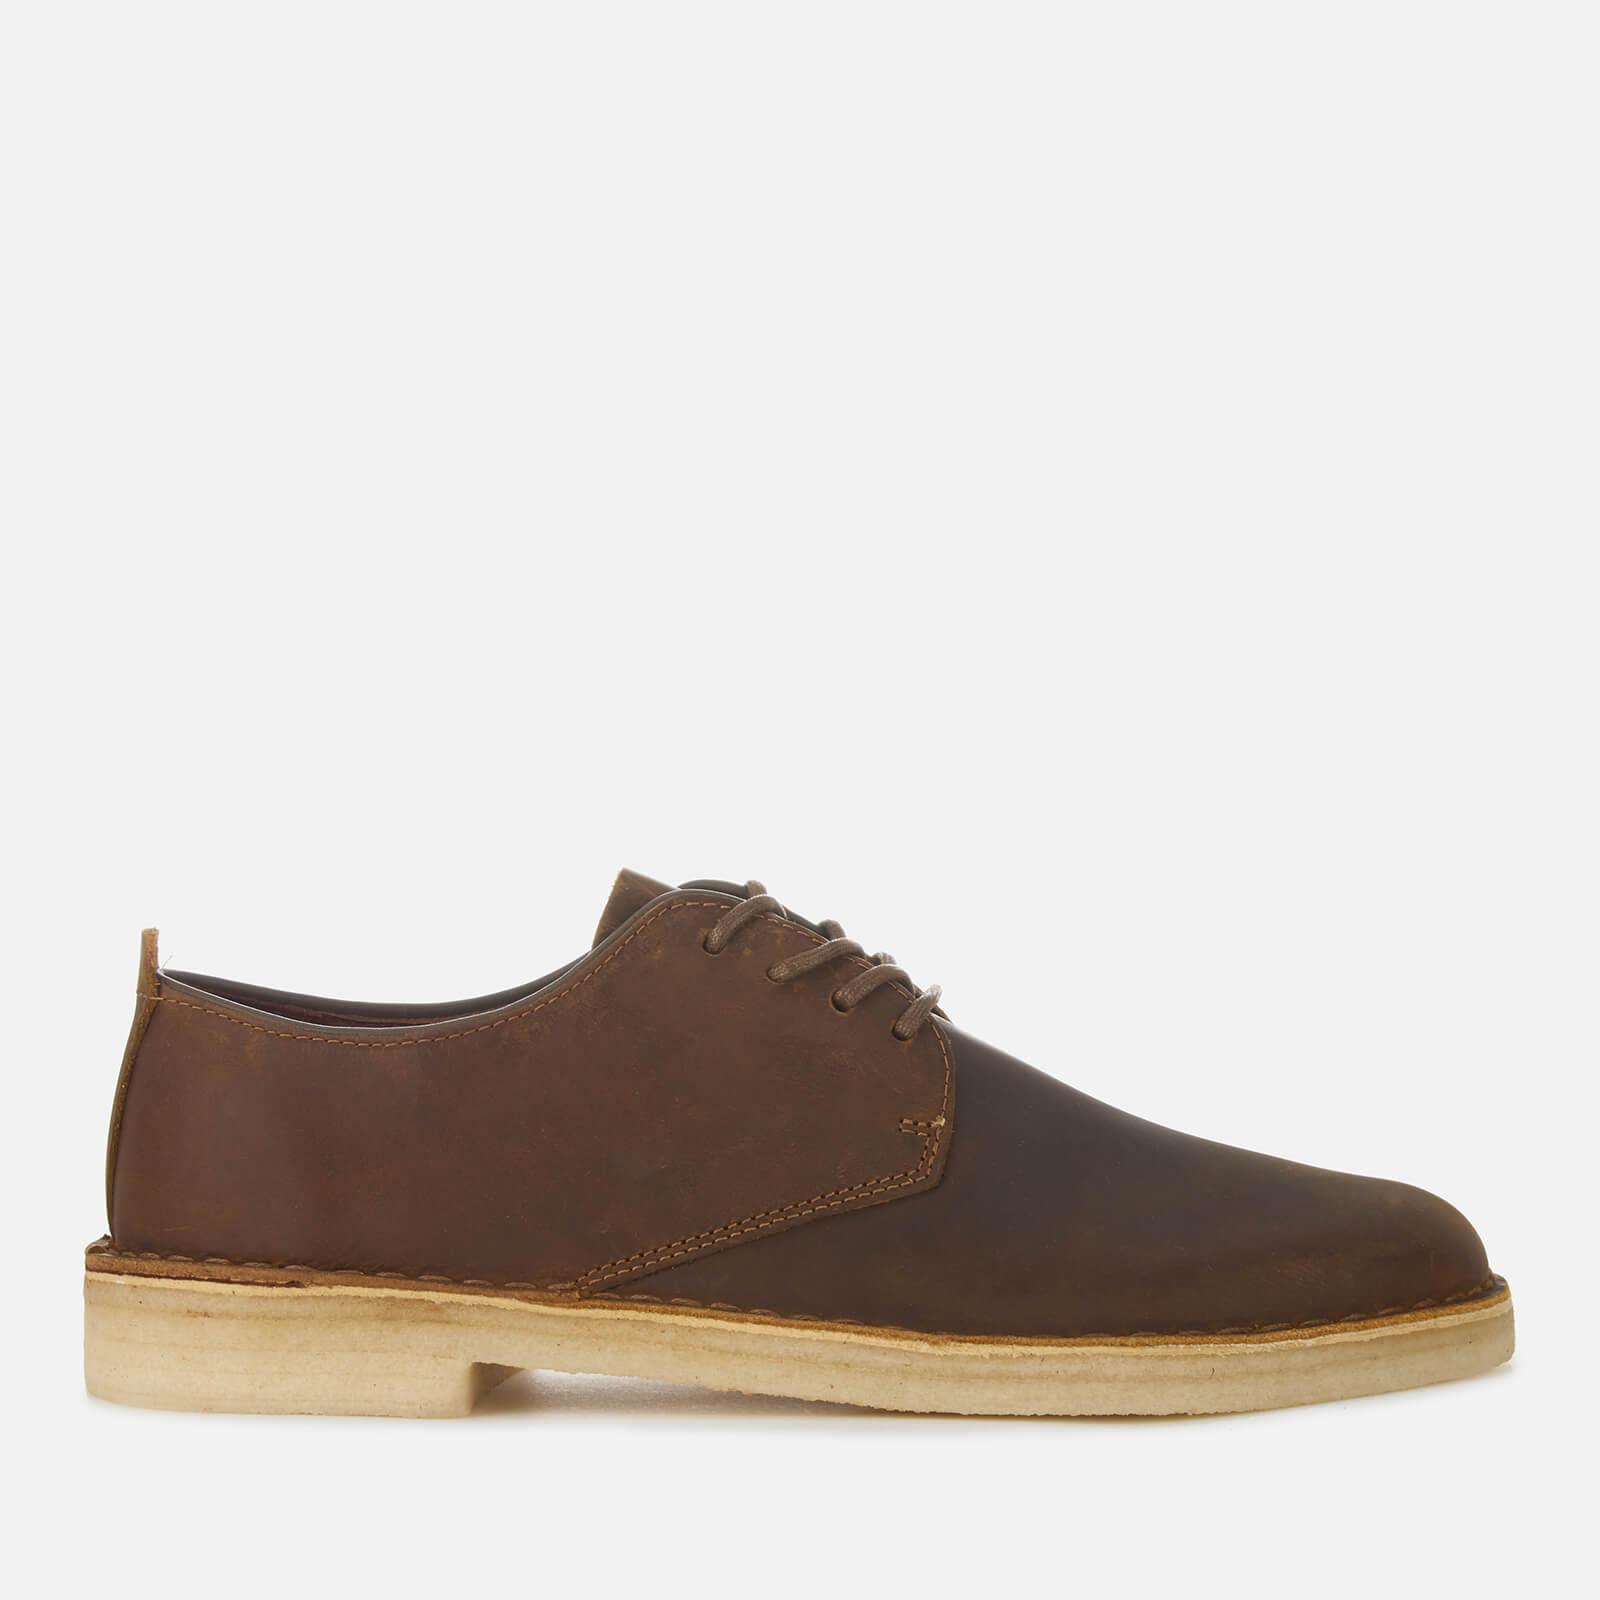 Clarks Originals Men's Desert London Shoes - Beeswax - UK 9 - Brown